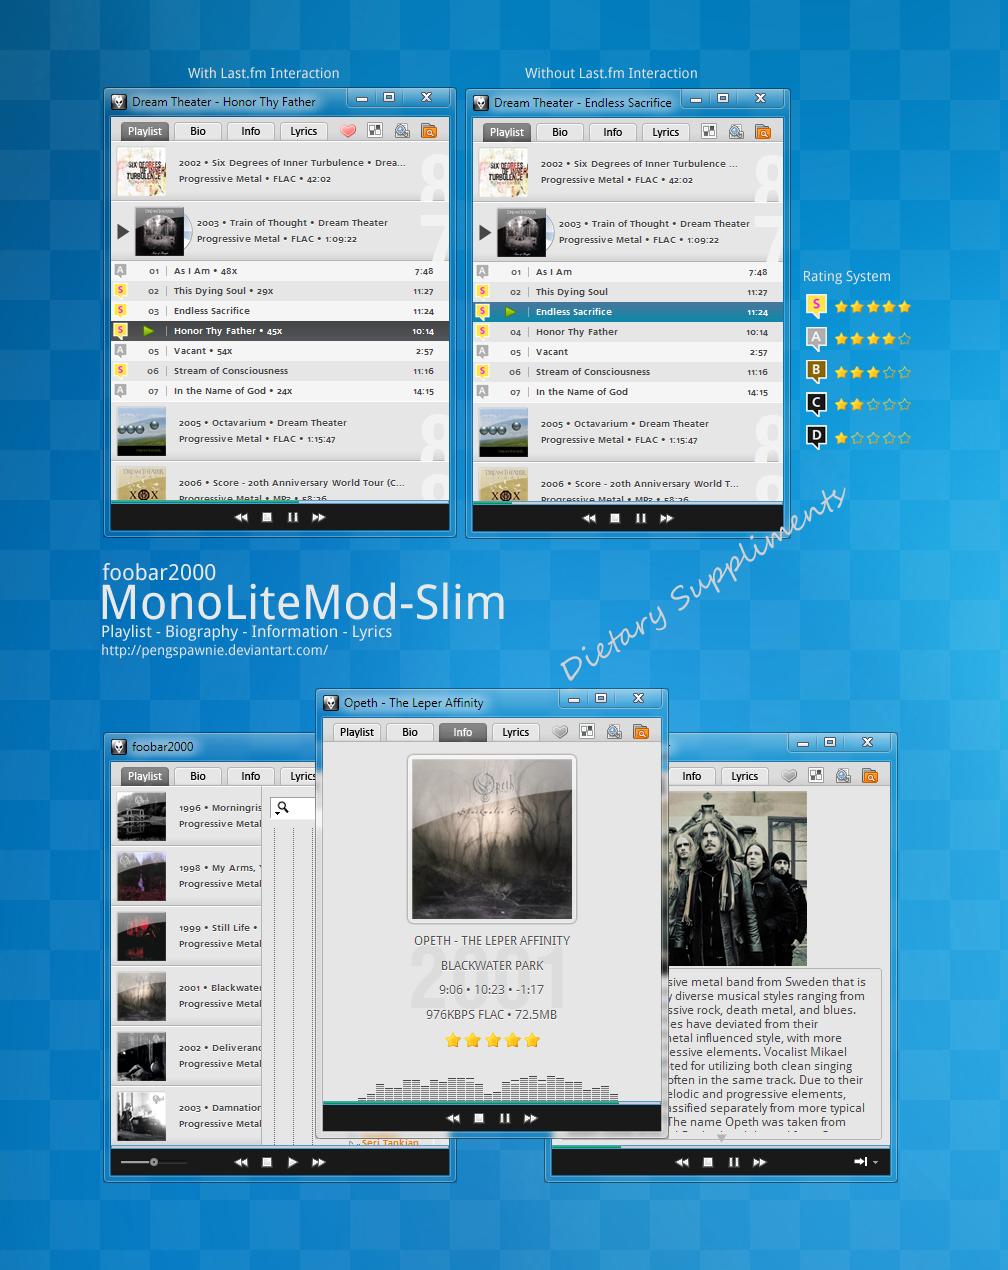 MonoLiteMod-Slim by Pengspawnie